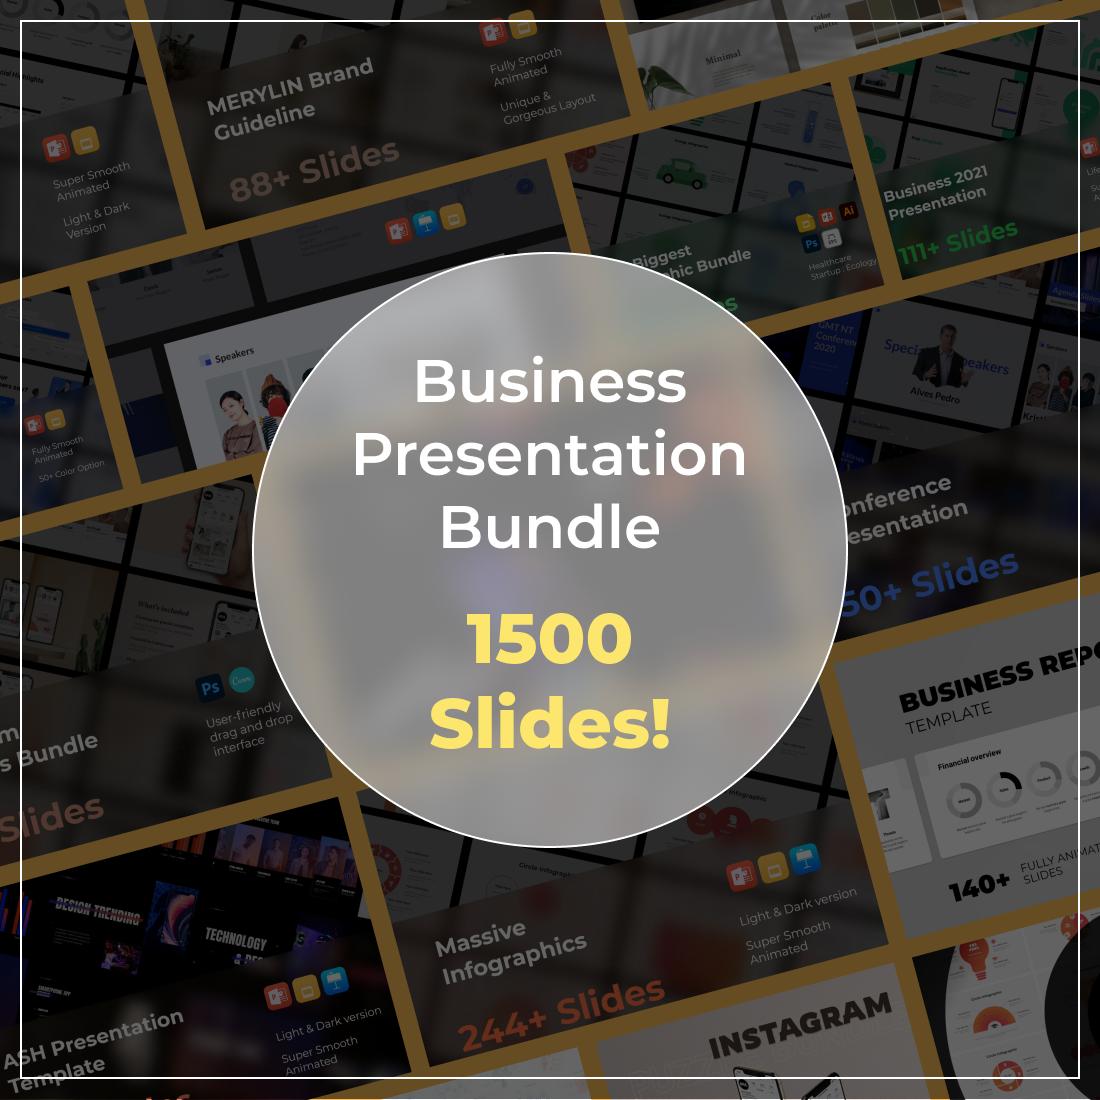 Business Presentation Bundle Description